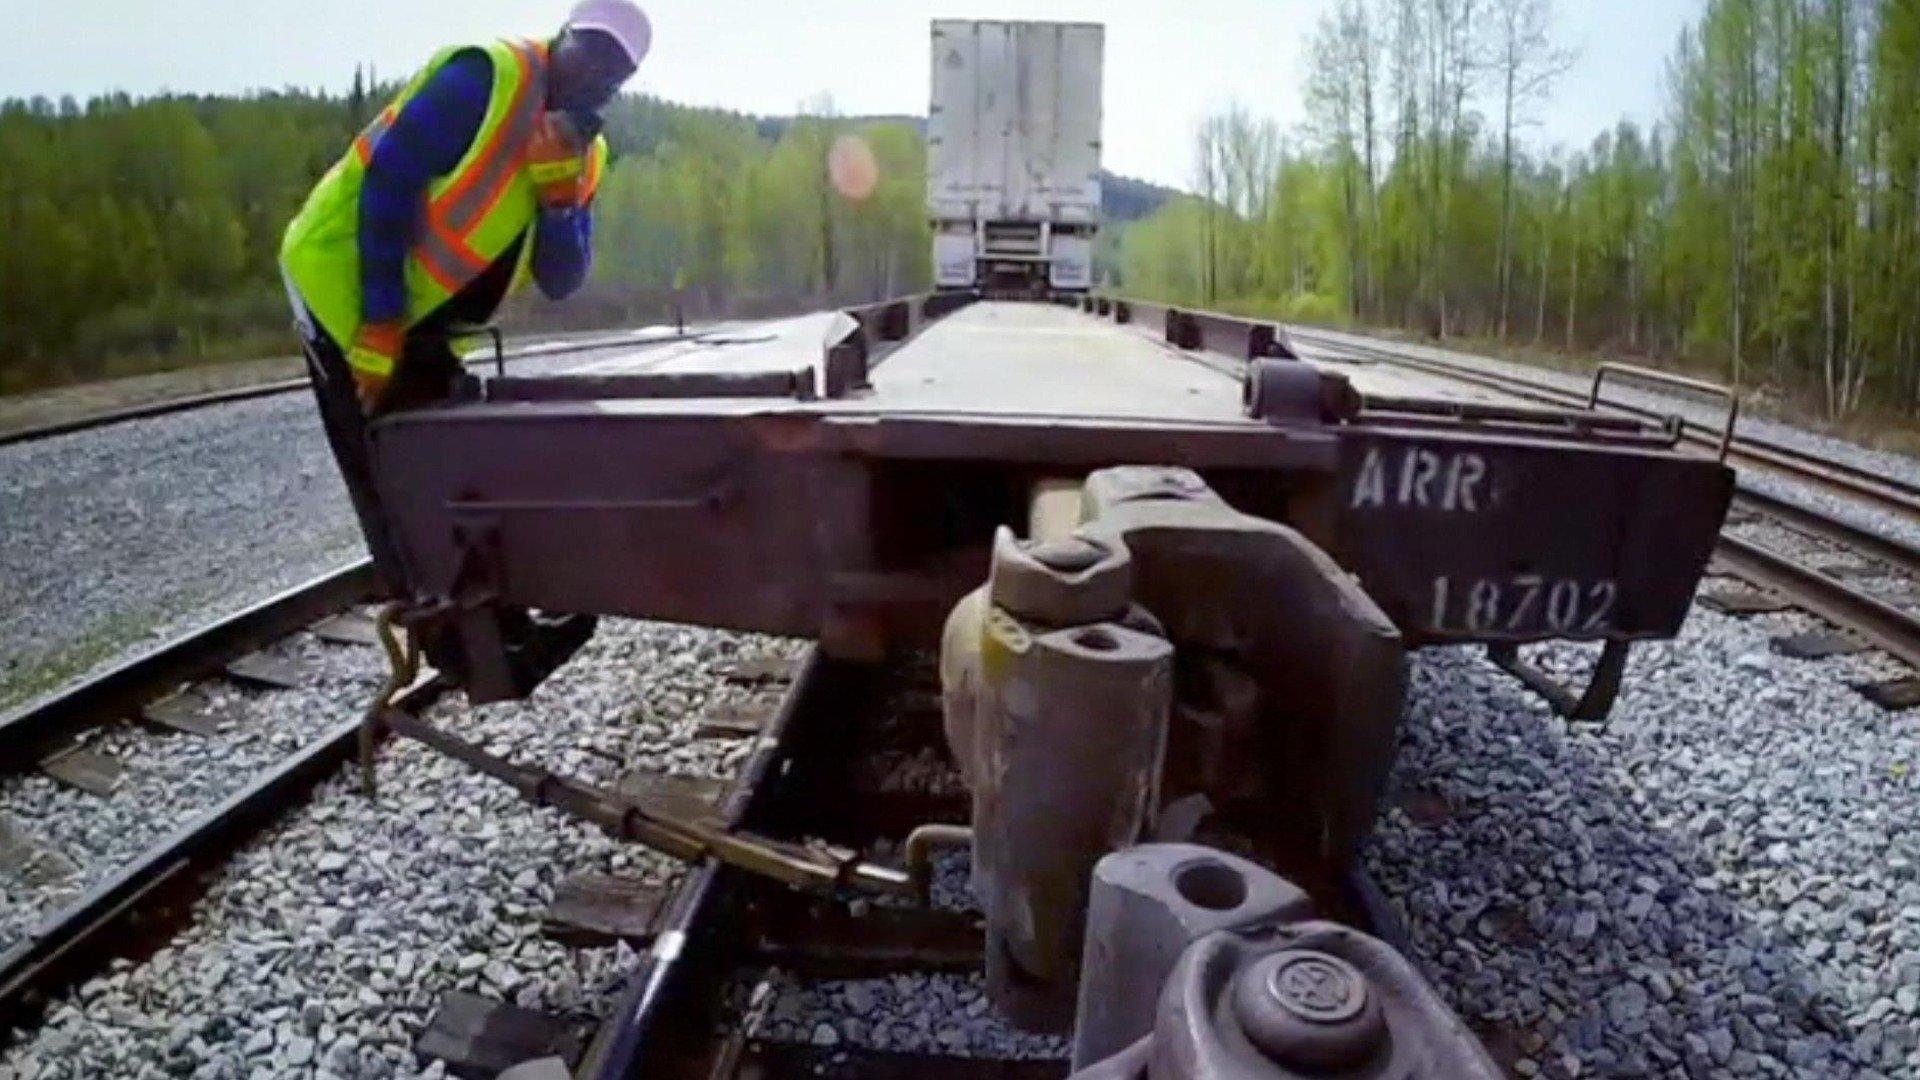 Alaskas järnväg